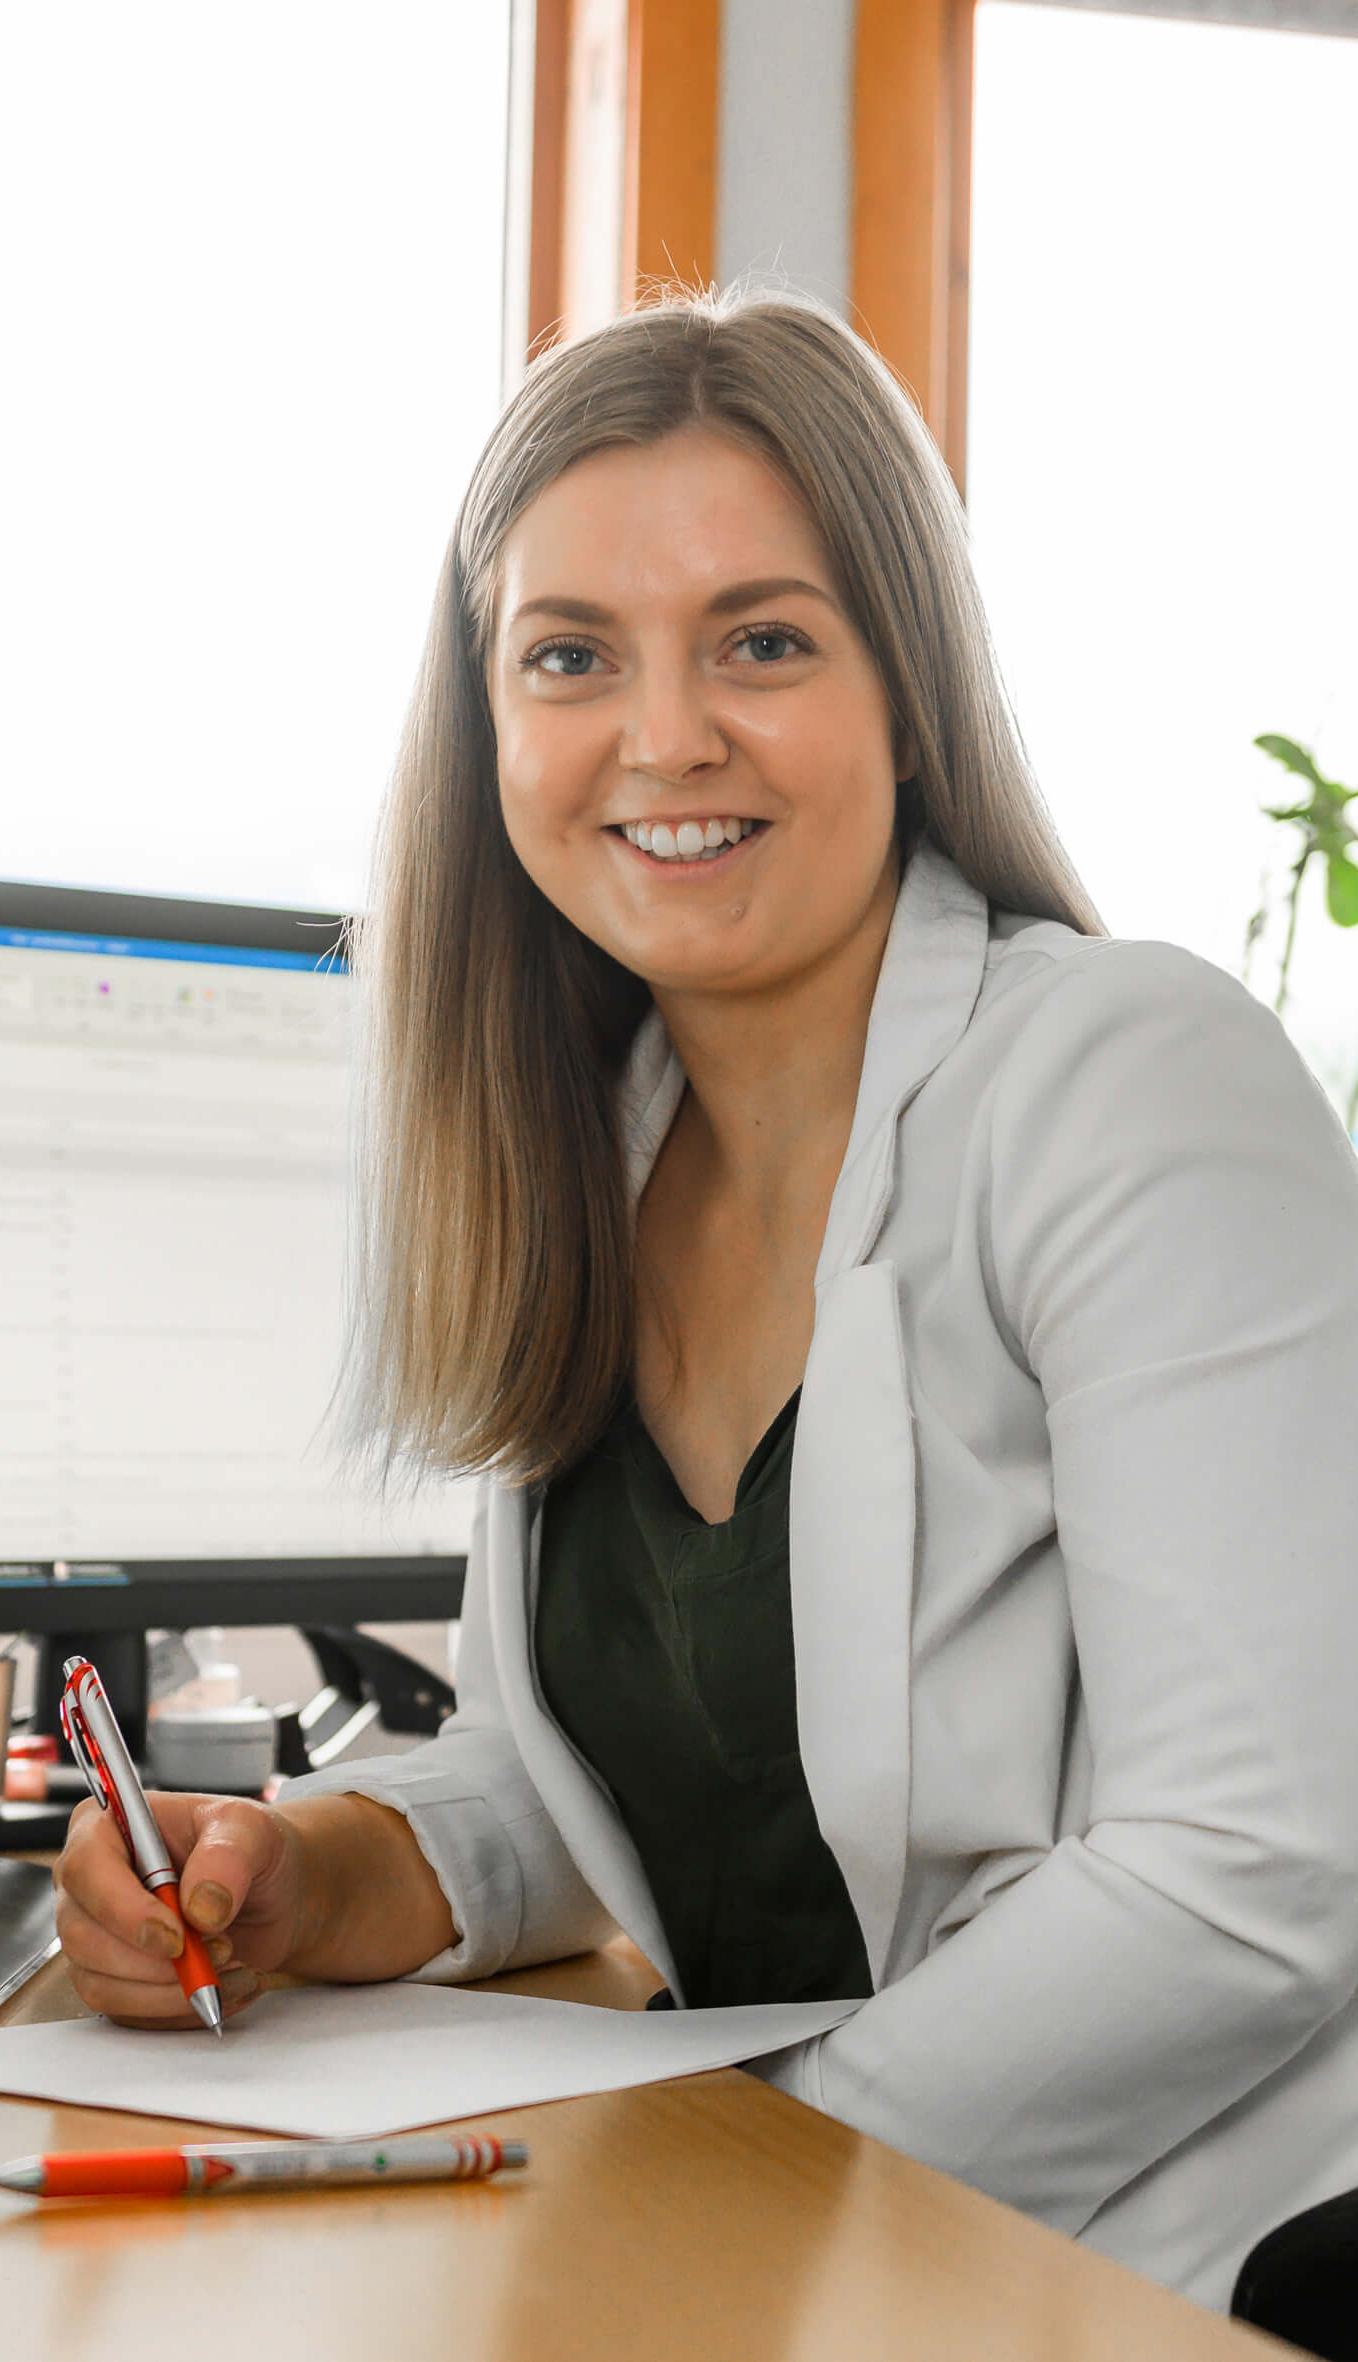 Kvinne med penn ved kontorpult foran pc skjerm.